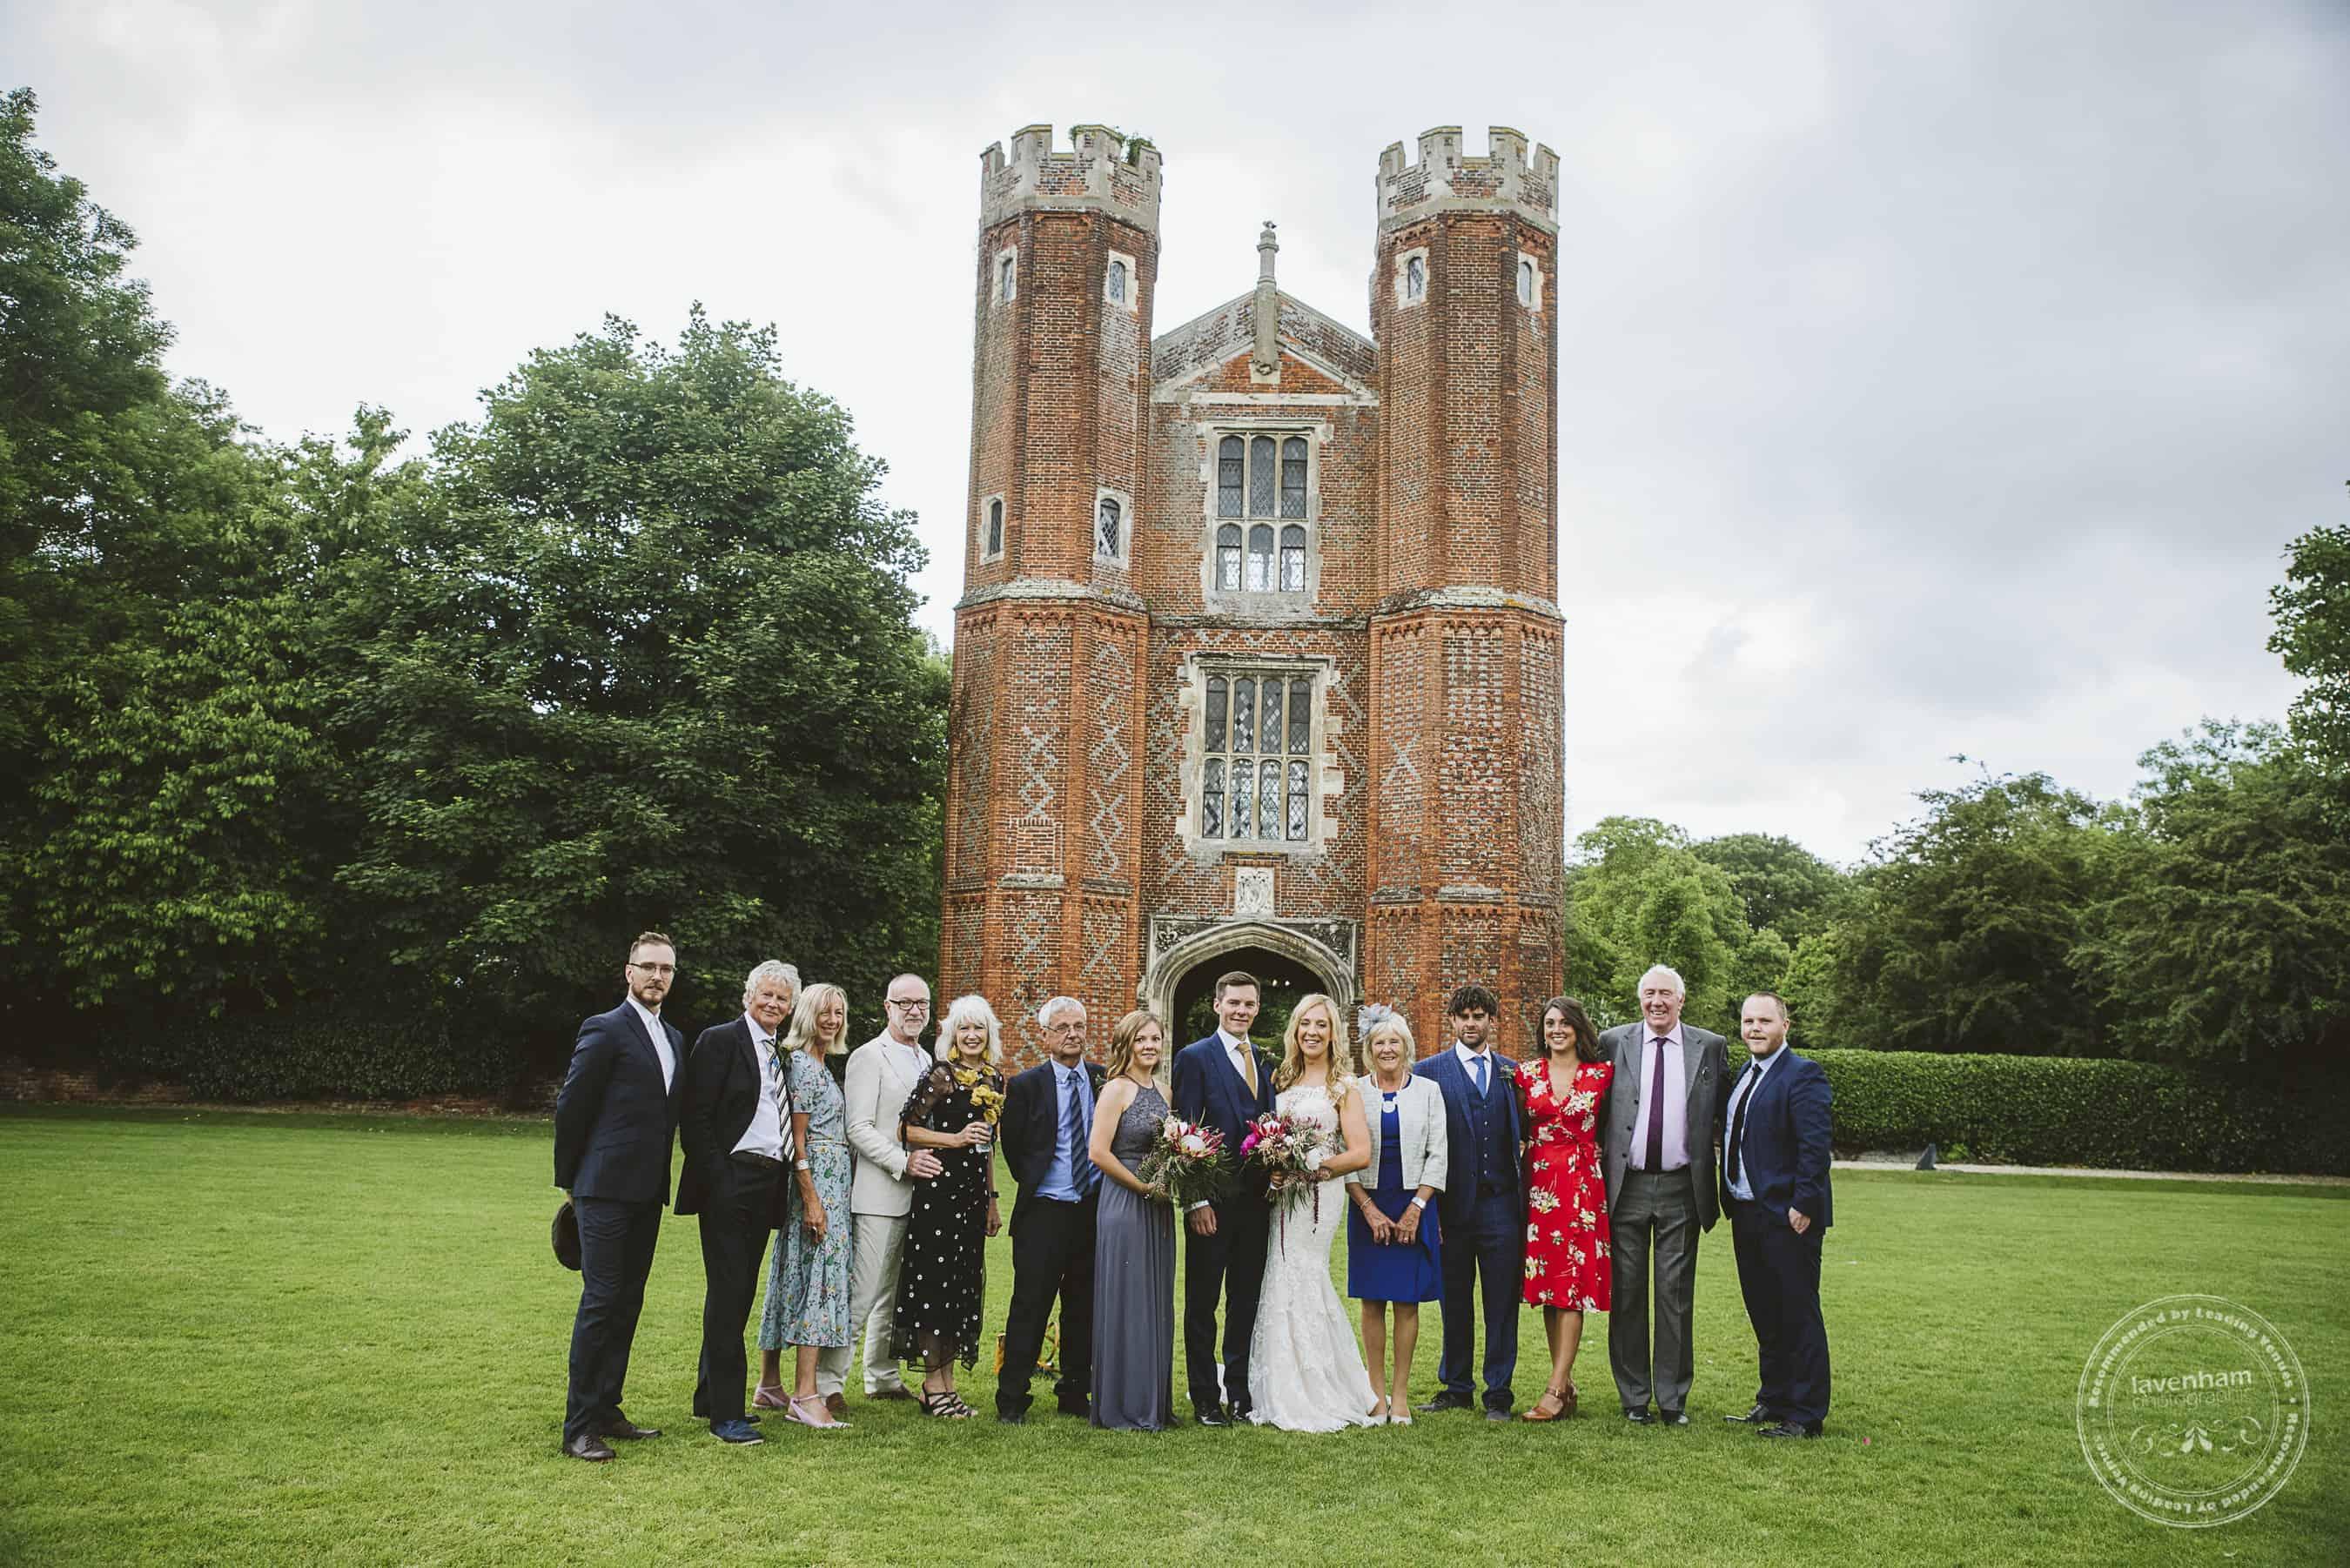 020618 Leez Priory Wedding Photography Lavenham Photographic 081